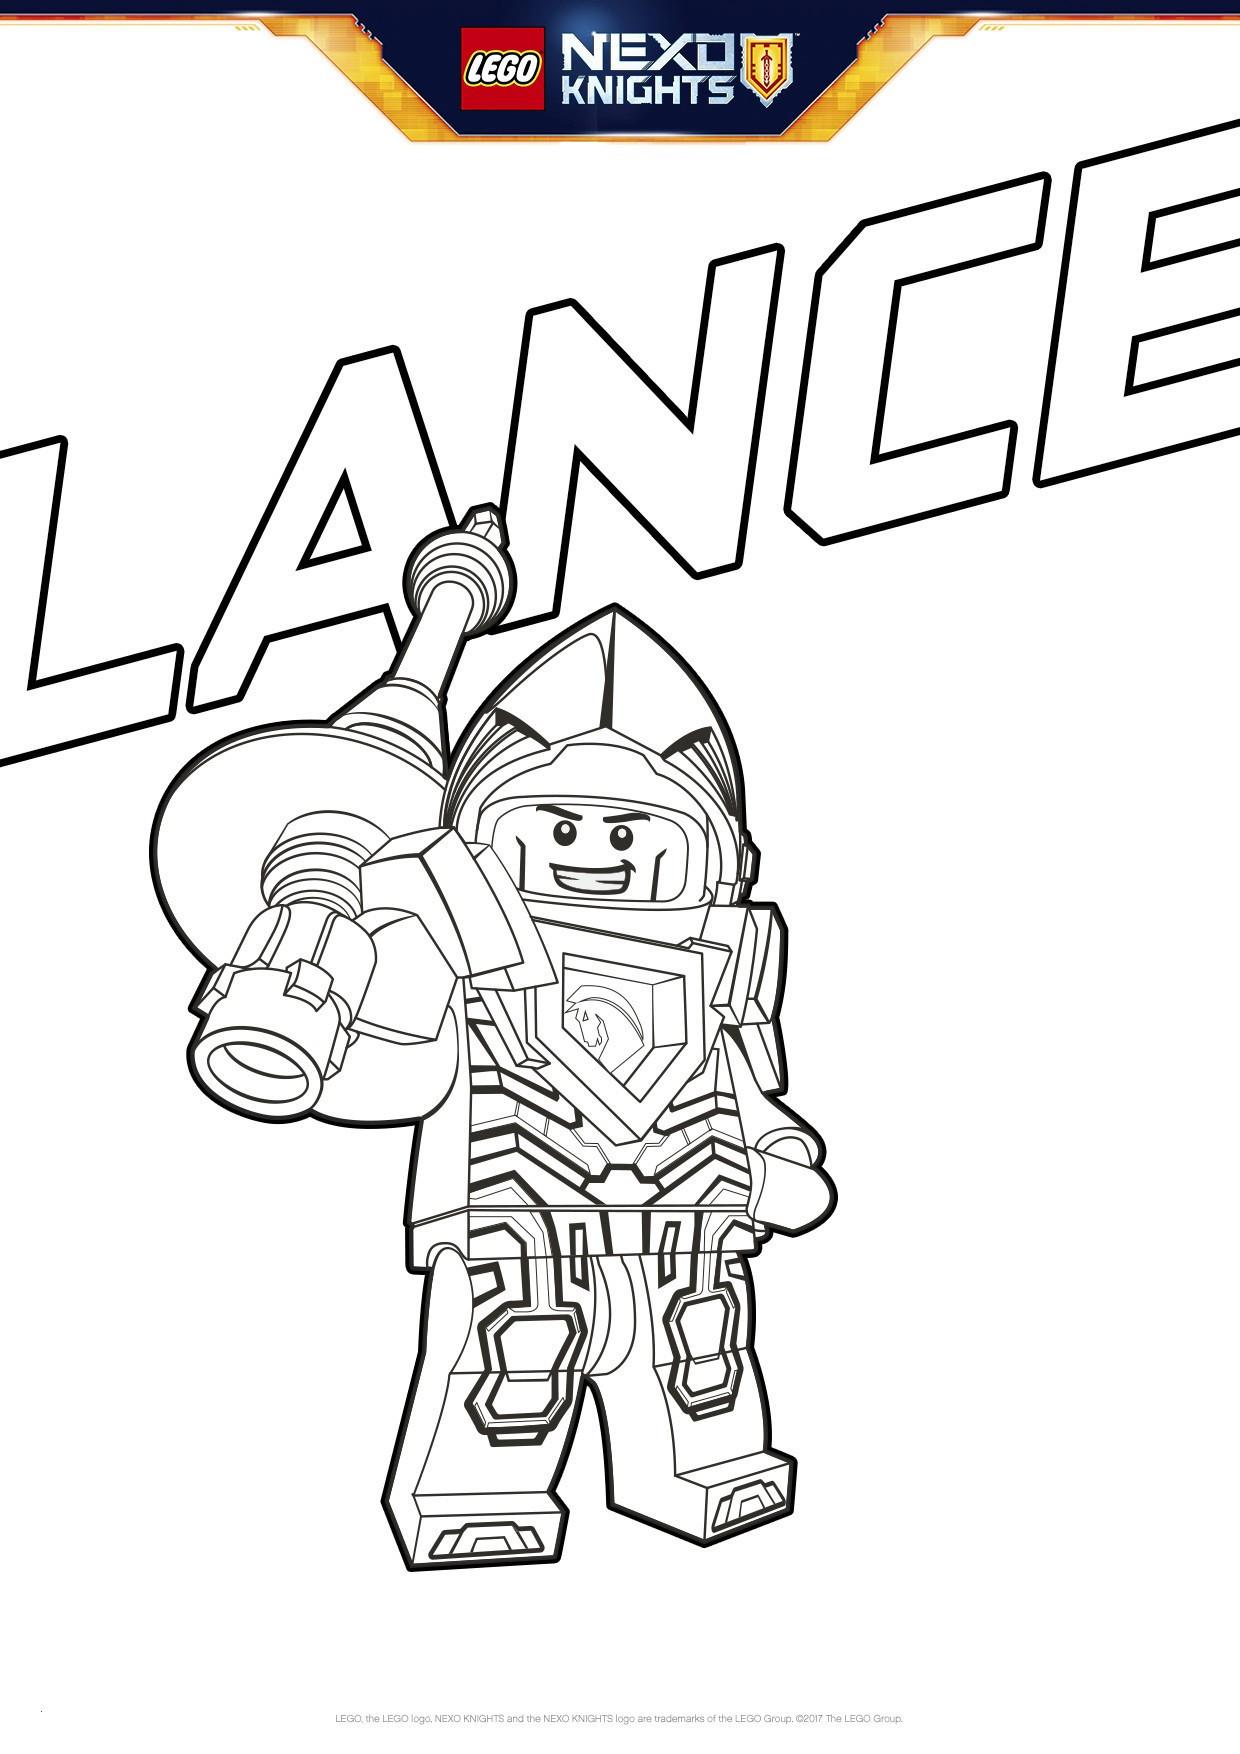 Donkey Kong Ausmalbilder Das Beste Von Nexo Knight Coloring Pages Unique Neues Ausmalbilder Kostenlos Lego Sammlung